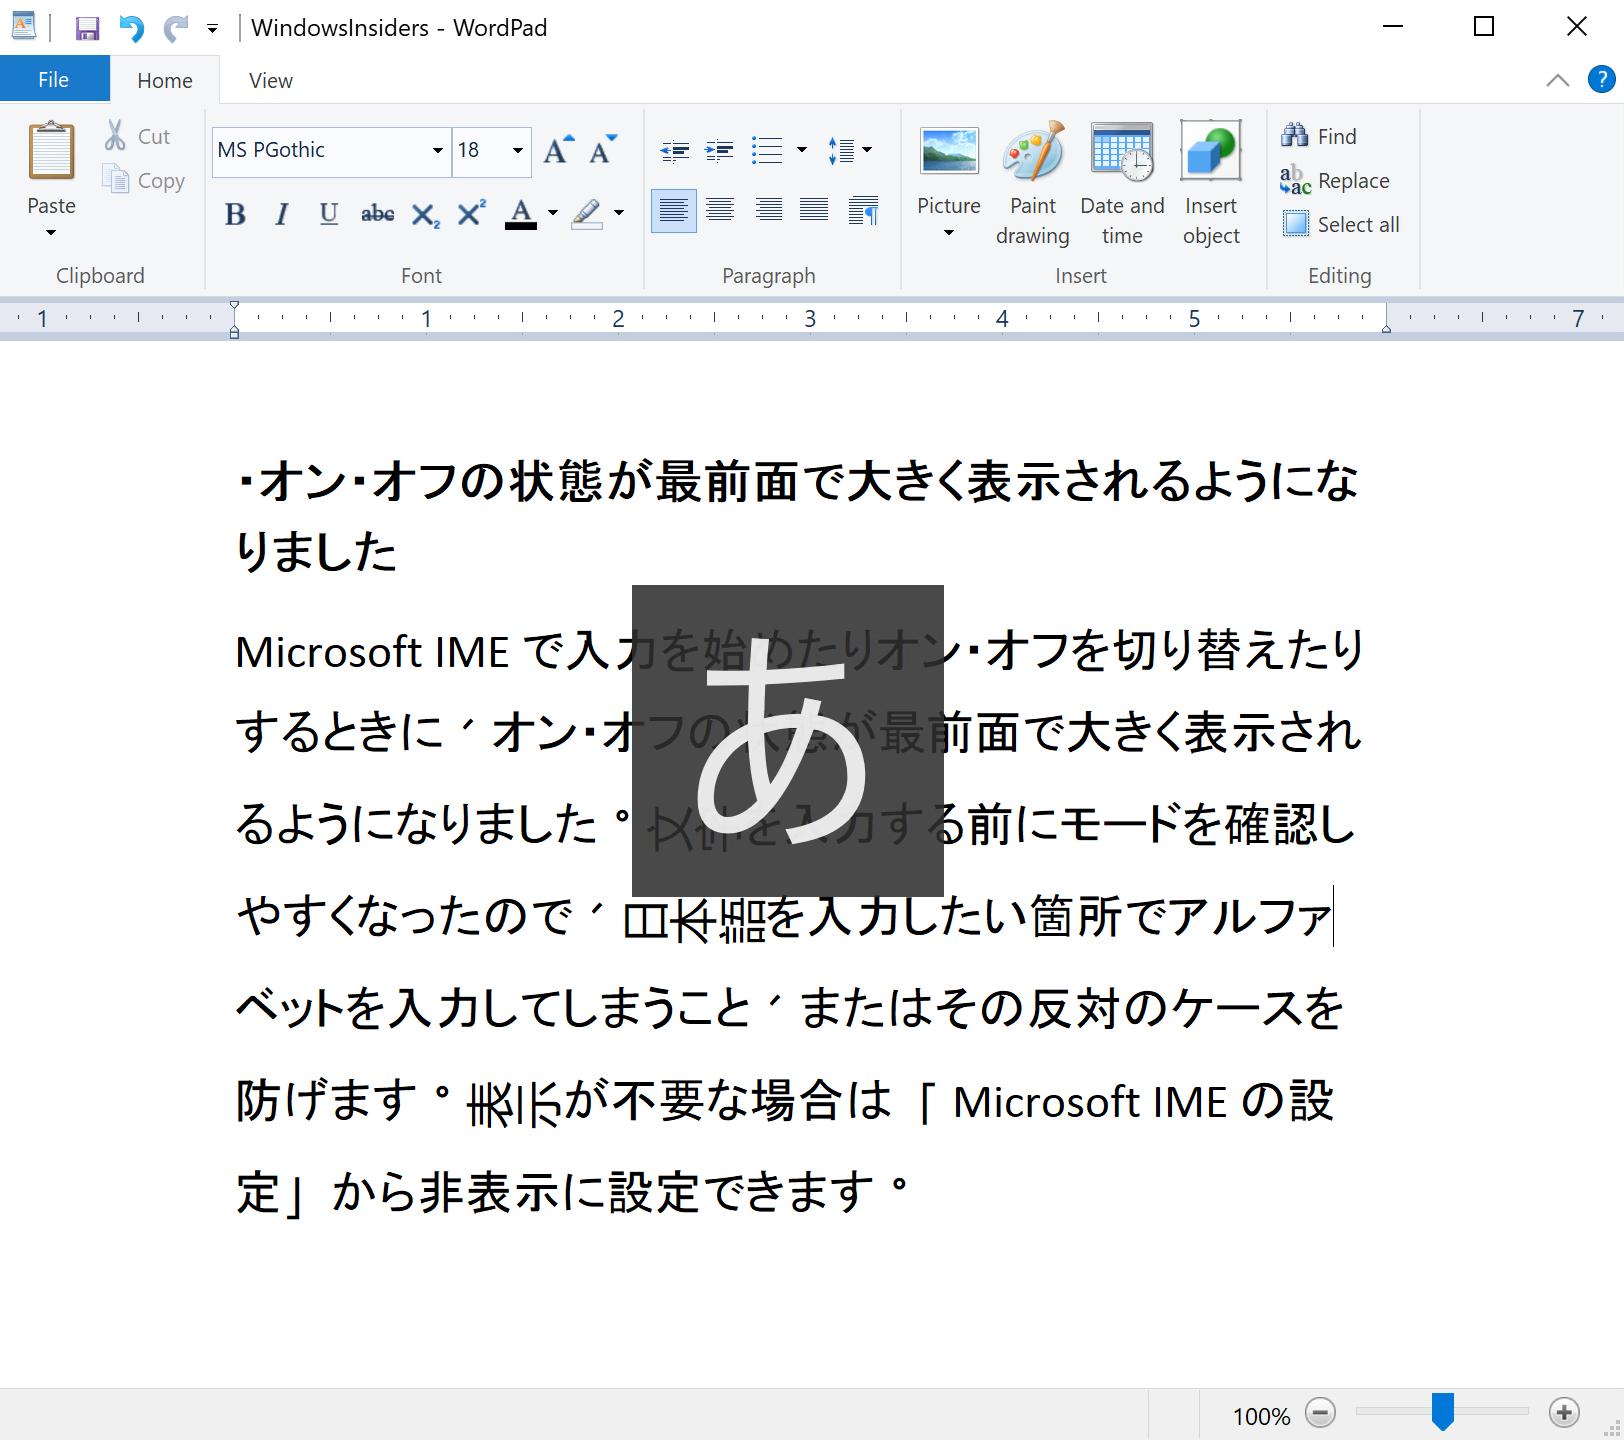 Windows 10 Build 15002 Insider Preview disponible para descargar ...